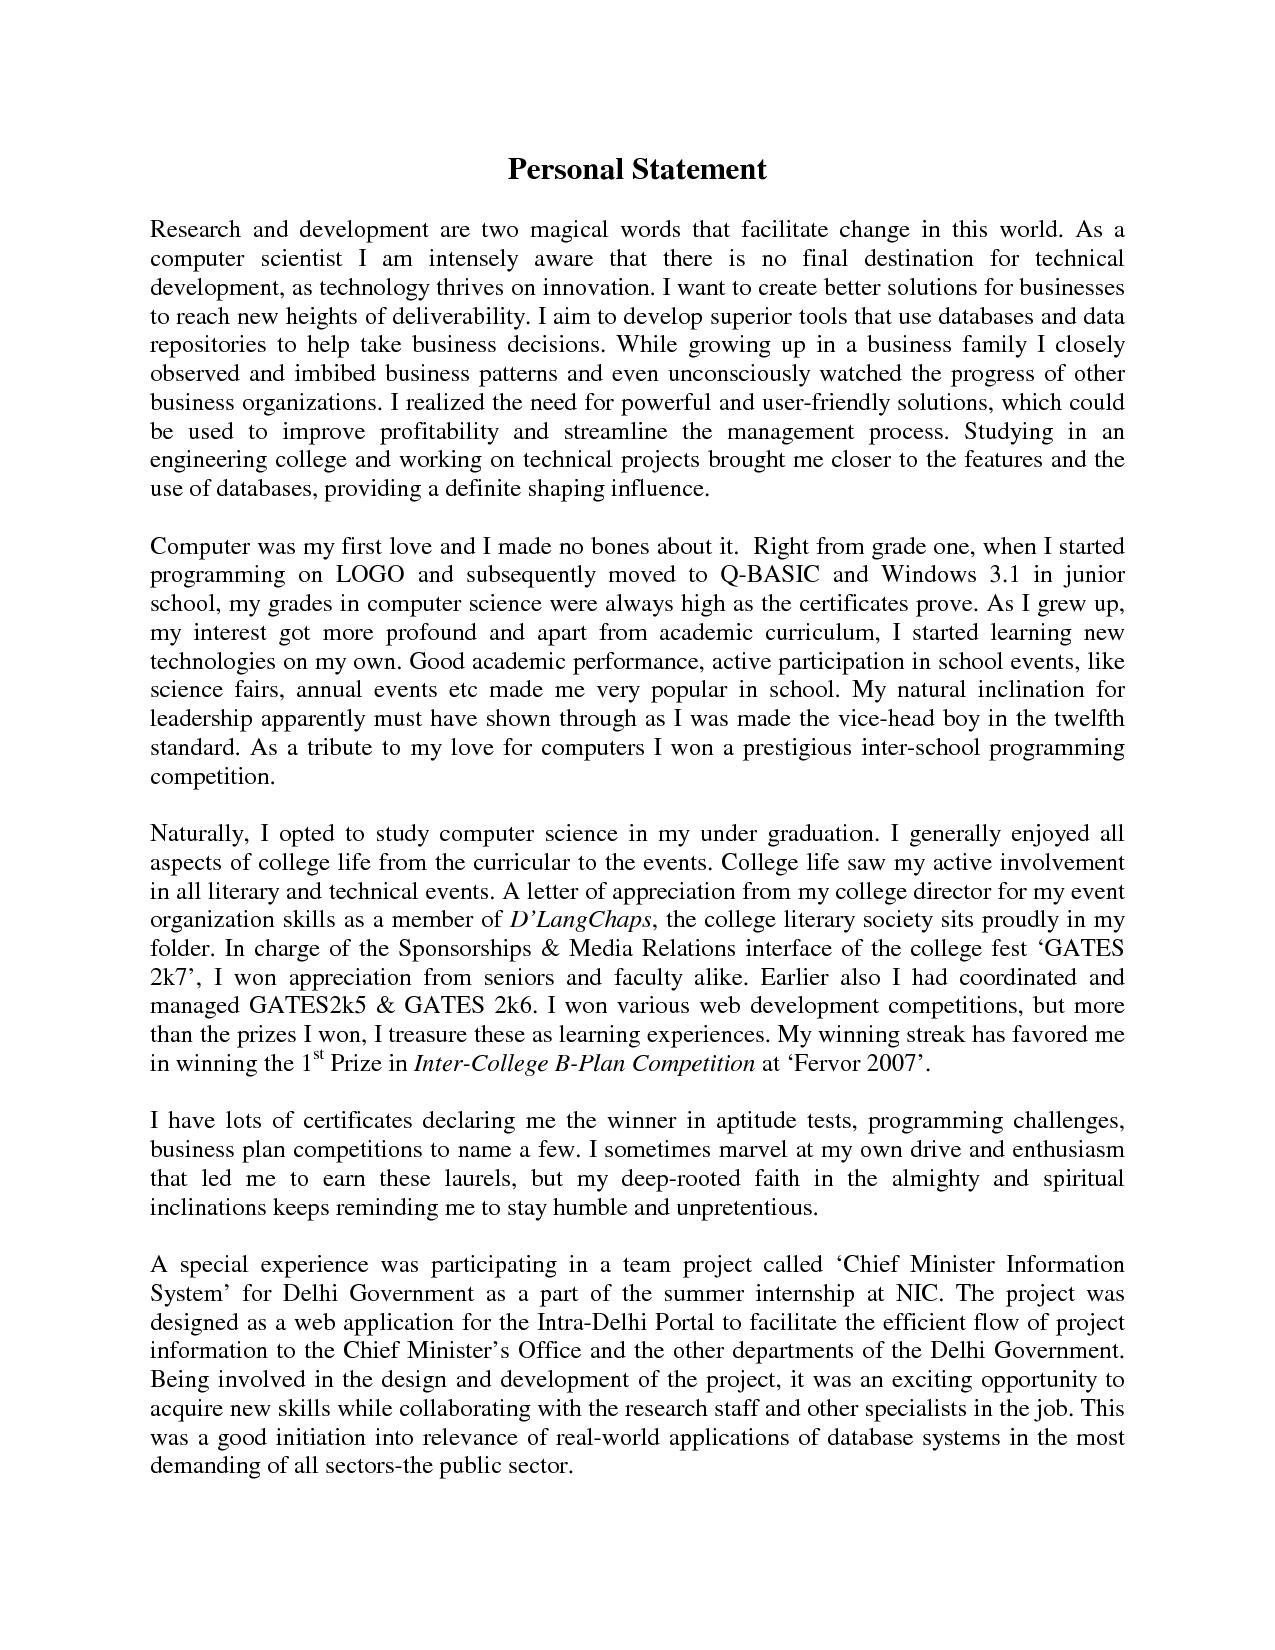 Economics admission essay